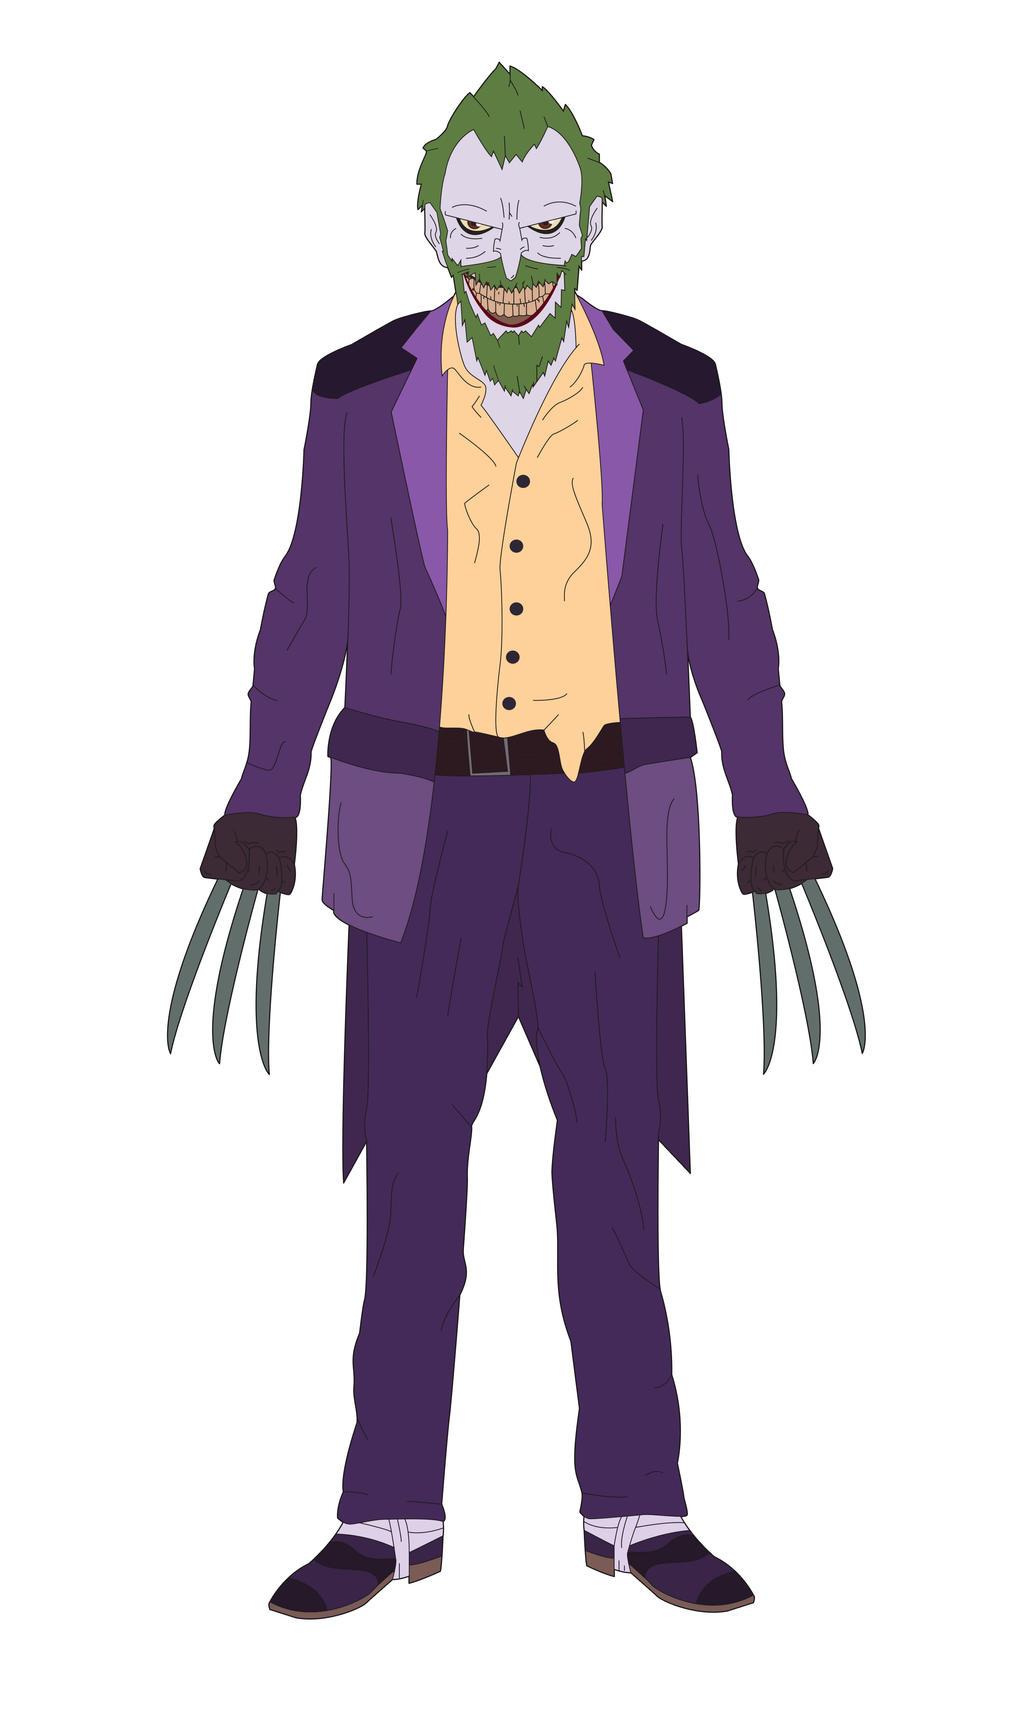 Old Man Jokerine by dead82